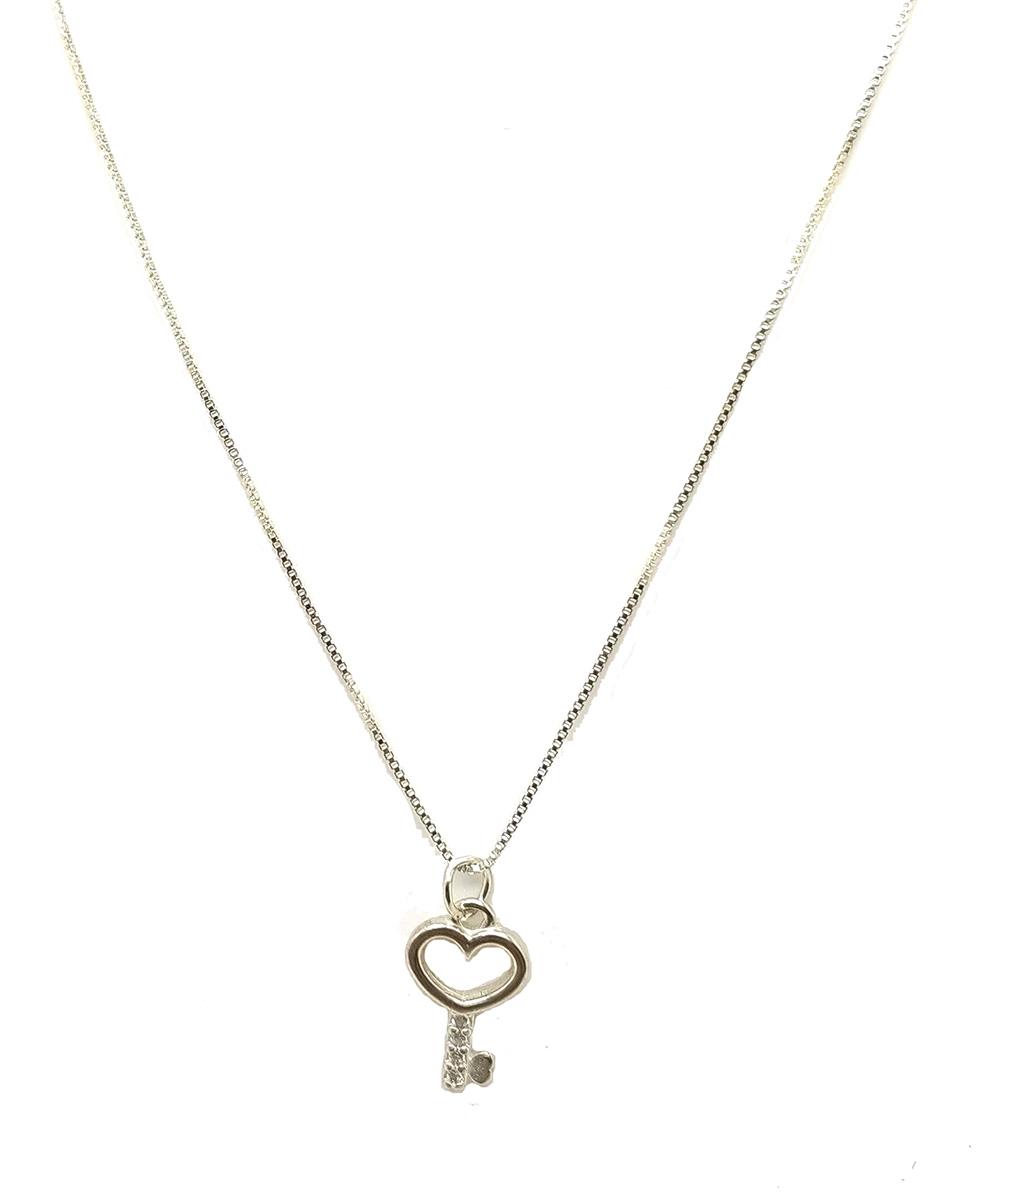 Colar com pingente chave de coraçao em prata 925